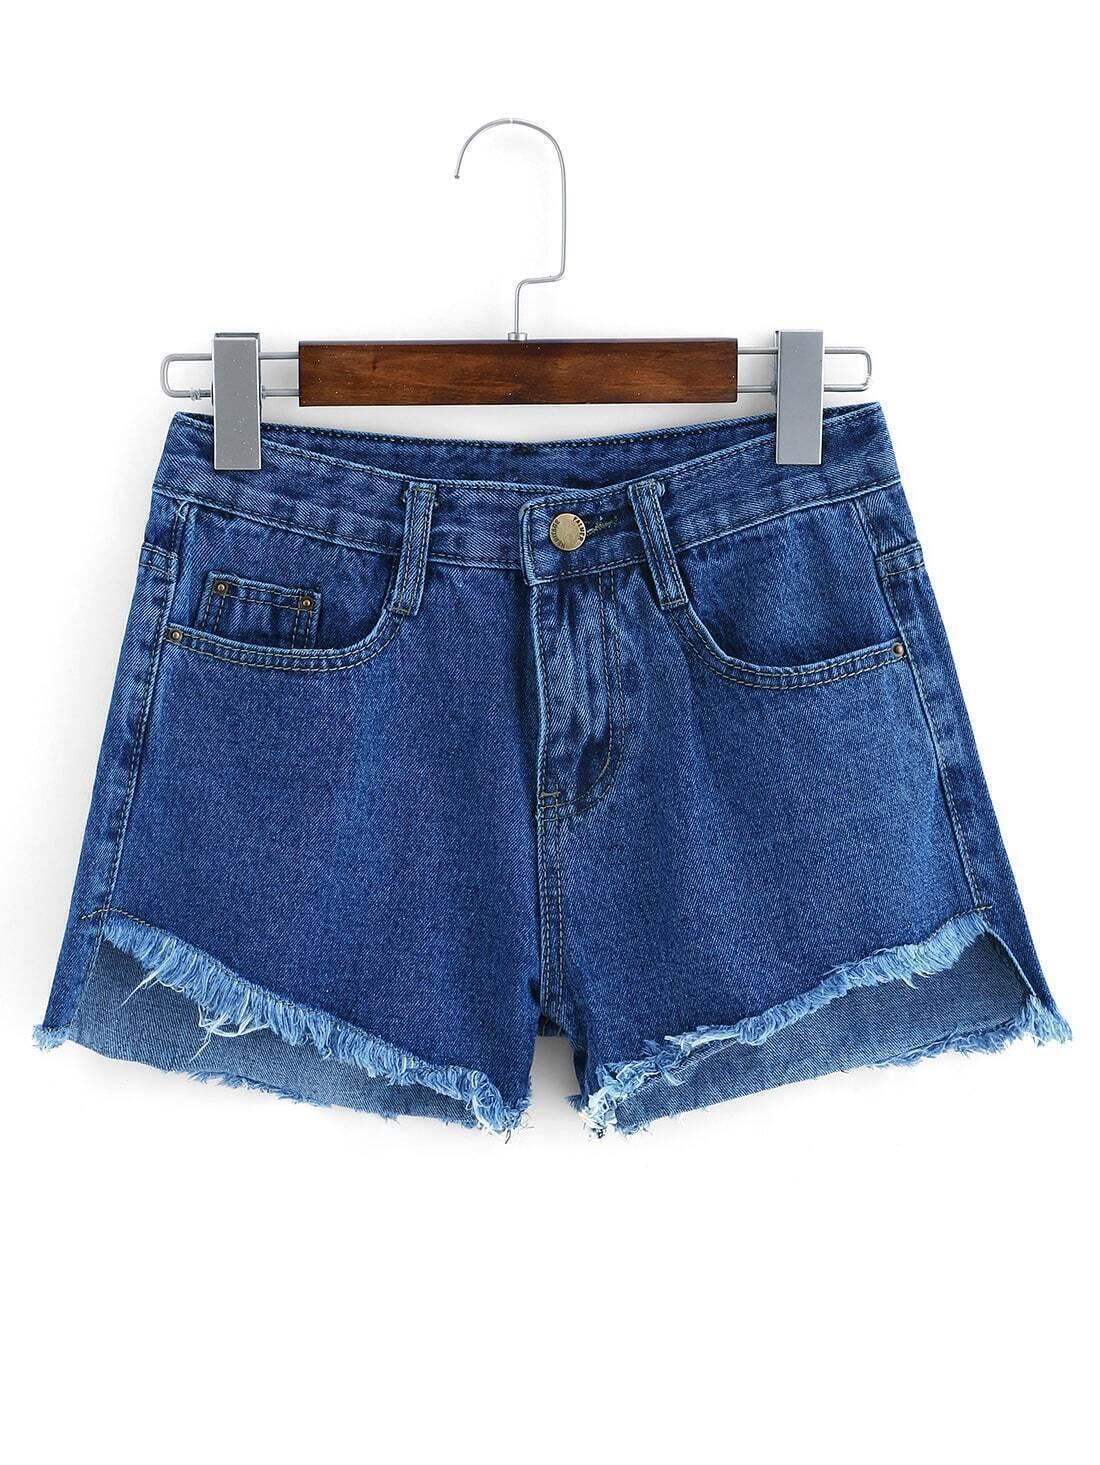 denim shorts mit fransen und taschen blau german shein. Black Bedroom Furniture Sets. Home Design Ideas